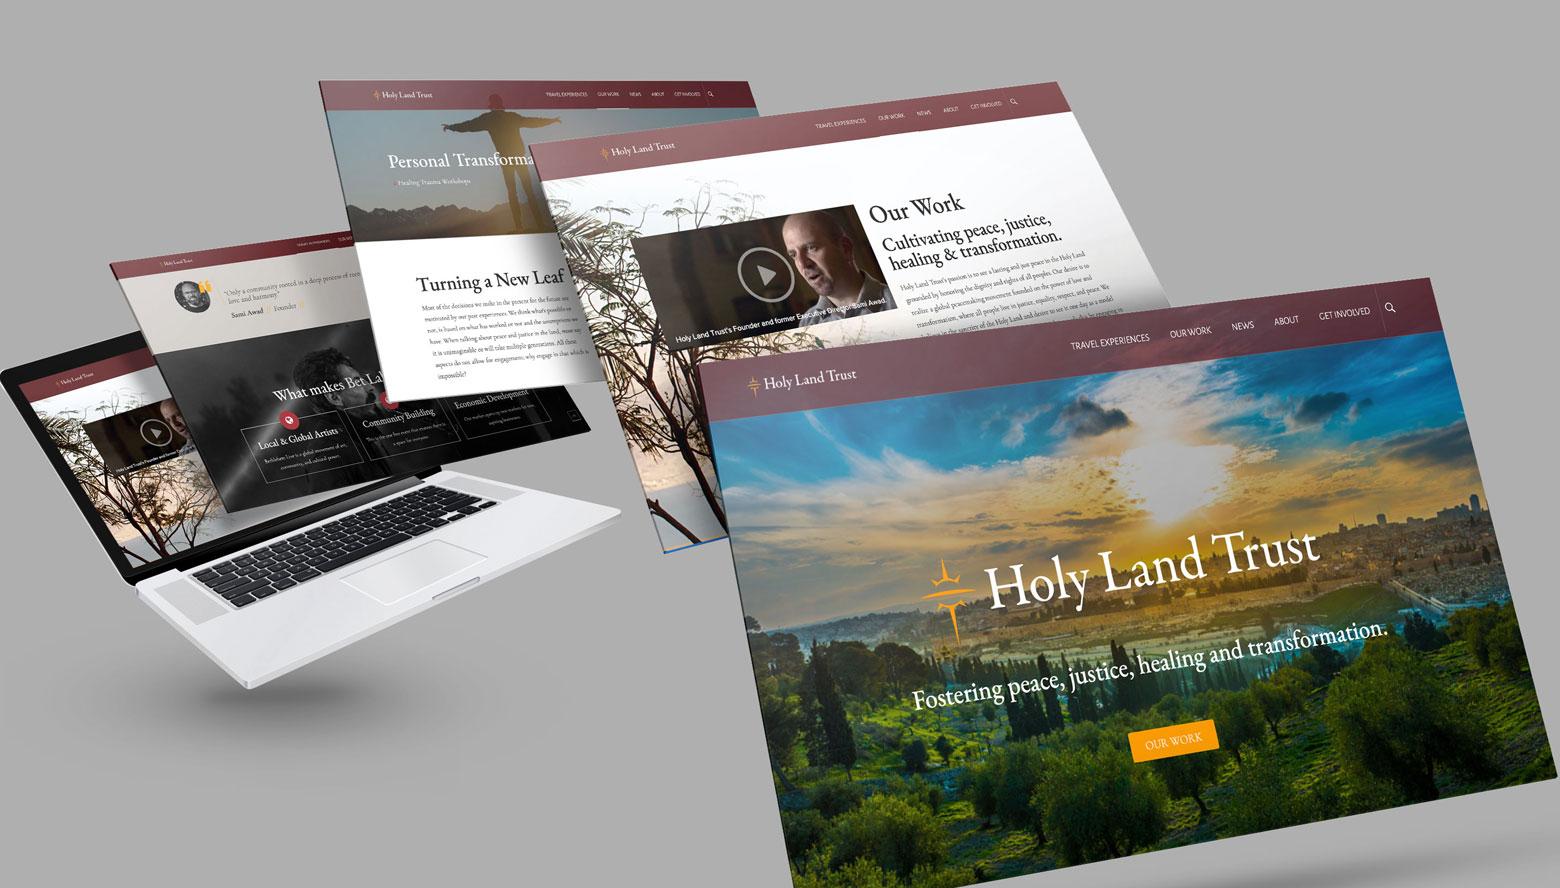 holy-land-trust-case-study-slide3.jpg